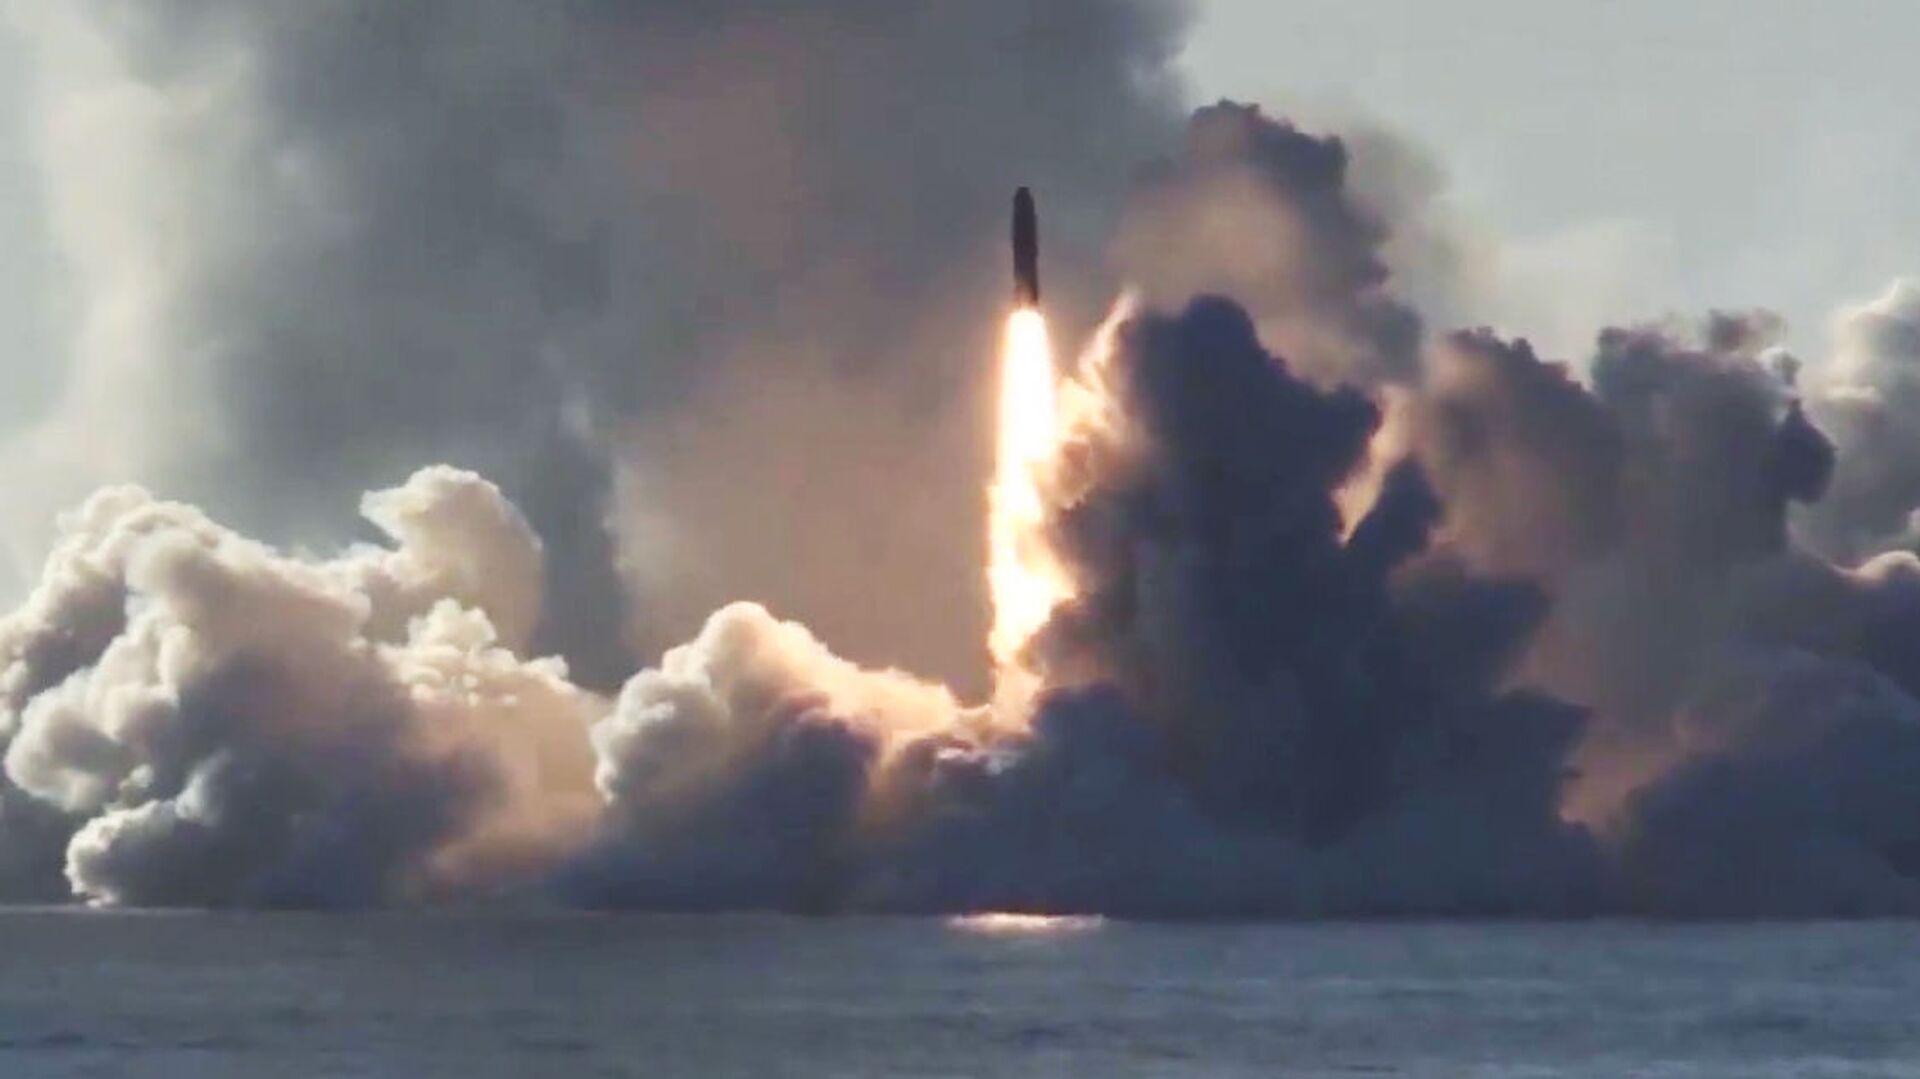 Lanzamiento de prueba del misil ruso (archivo) - Sputnik Mundo, 1920, 10.02.2021